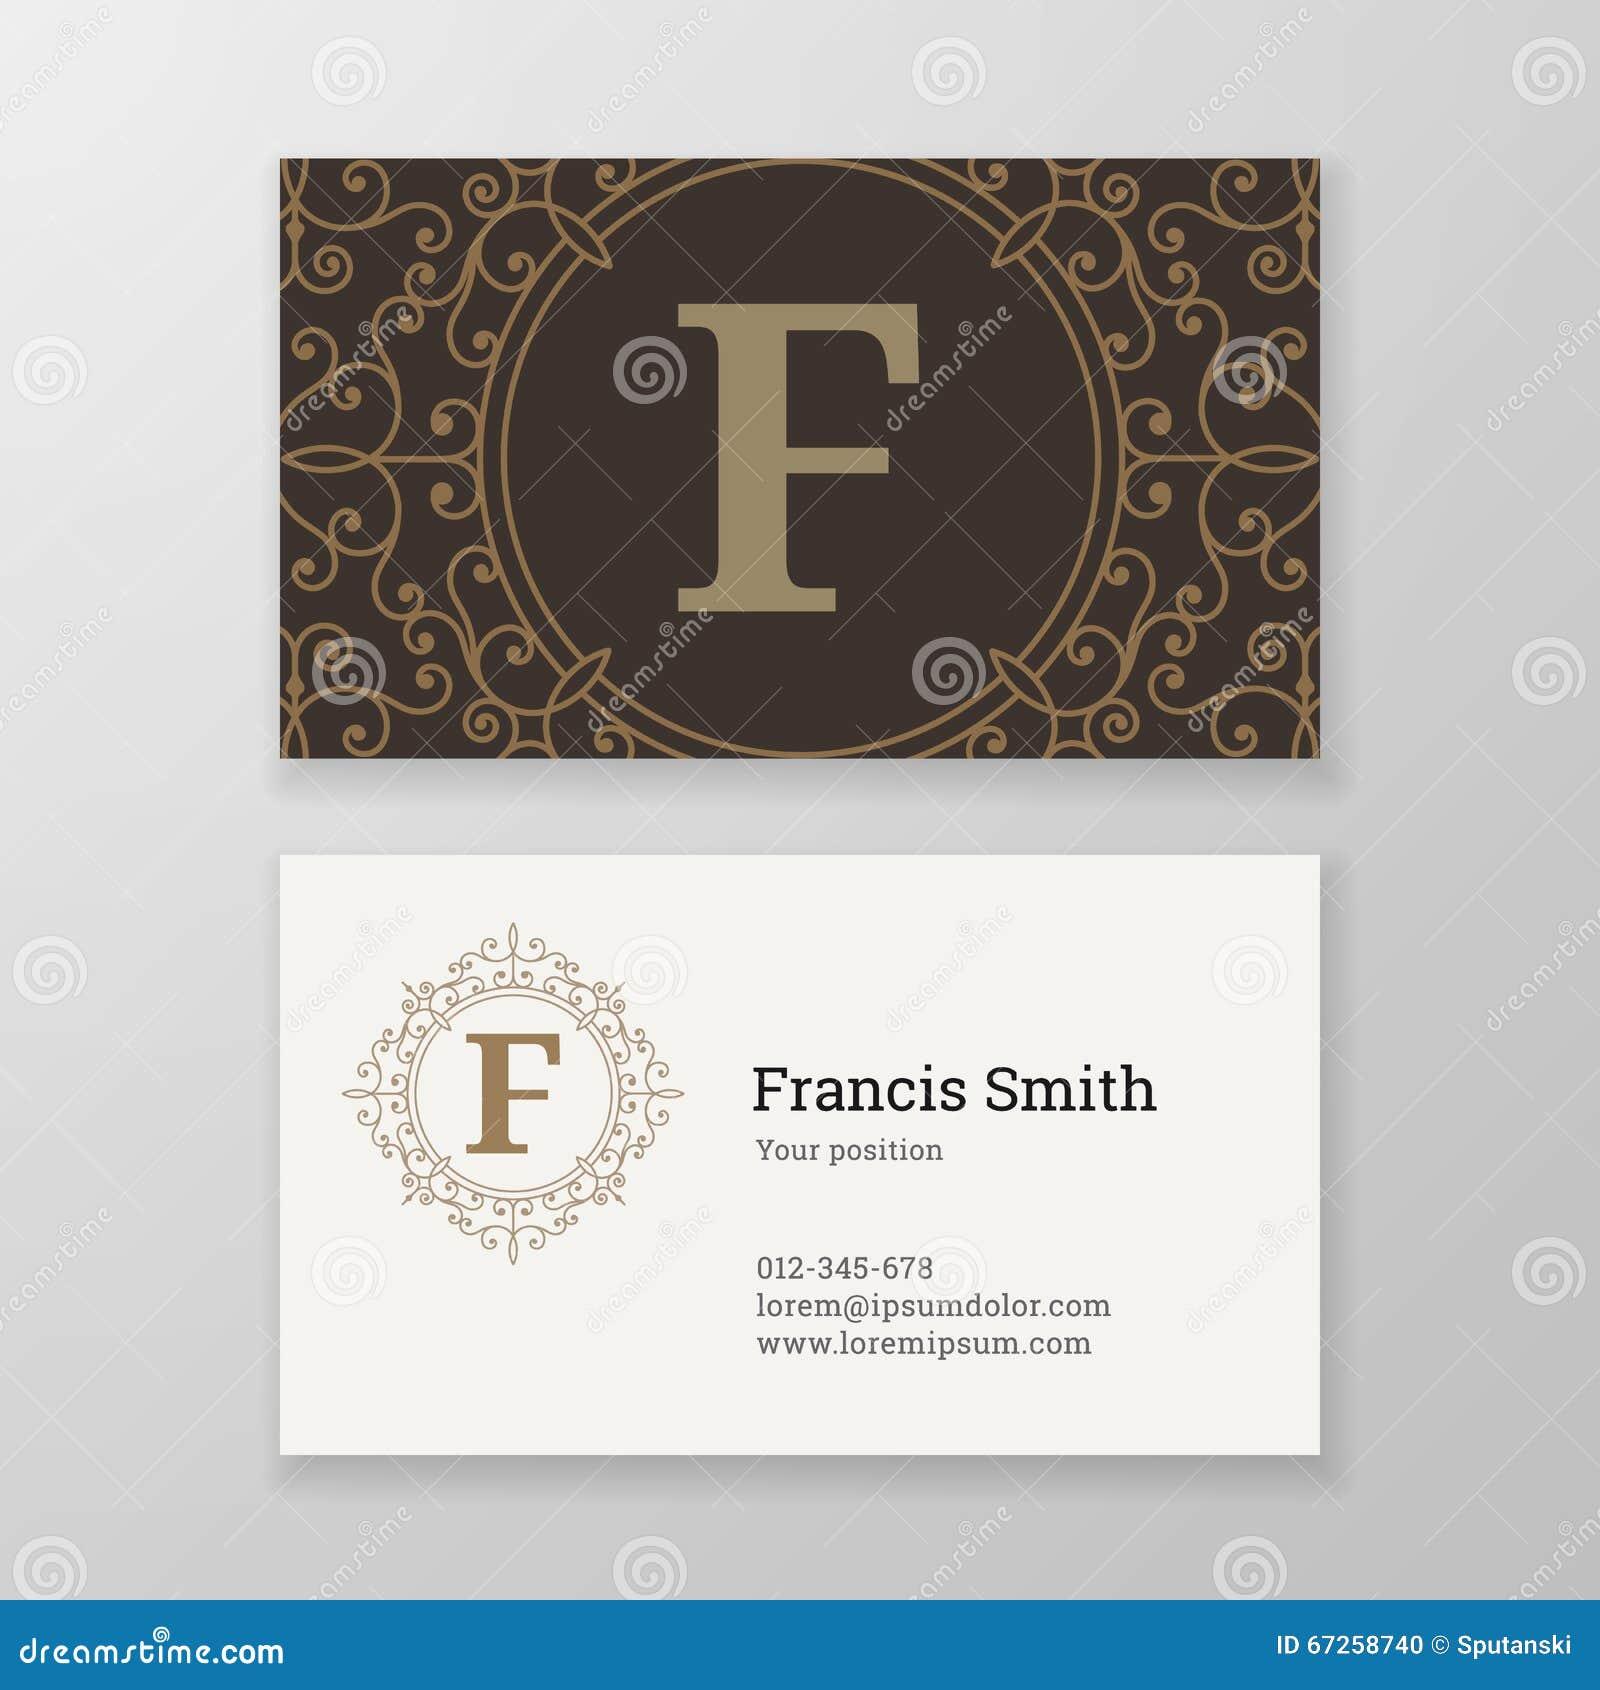 Business card monogram emblem letter h template design stock business card ornament emblem letter f template design stock photo magicingreecefo Images